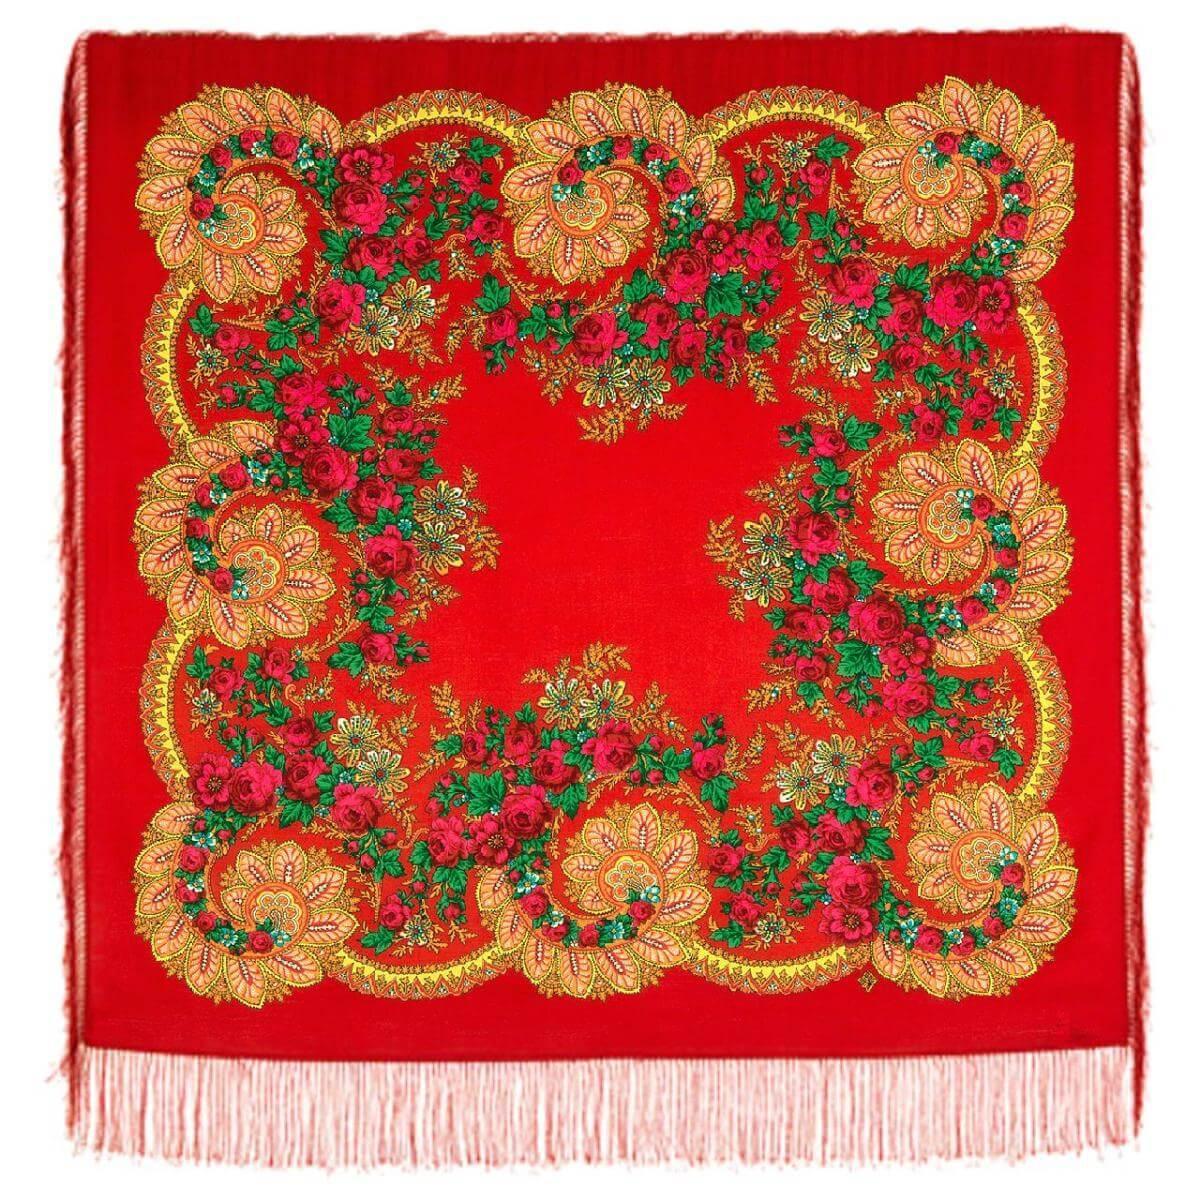 Павлопосадский платок Цветочный веер 1699-5 (110х110 см)